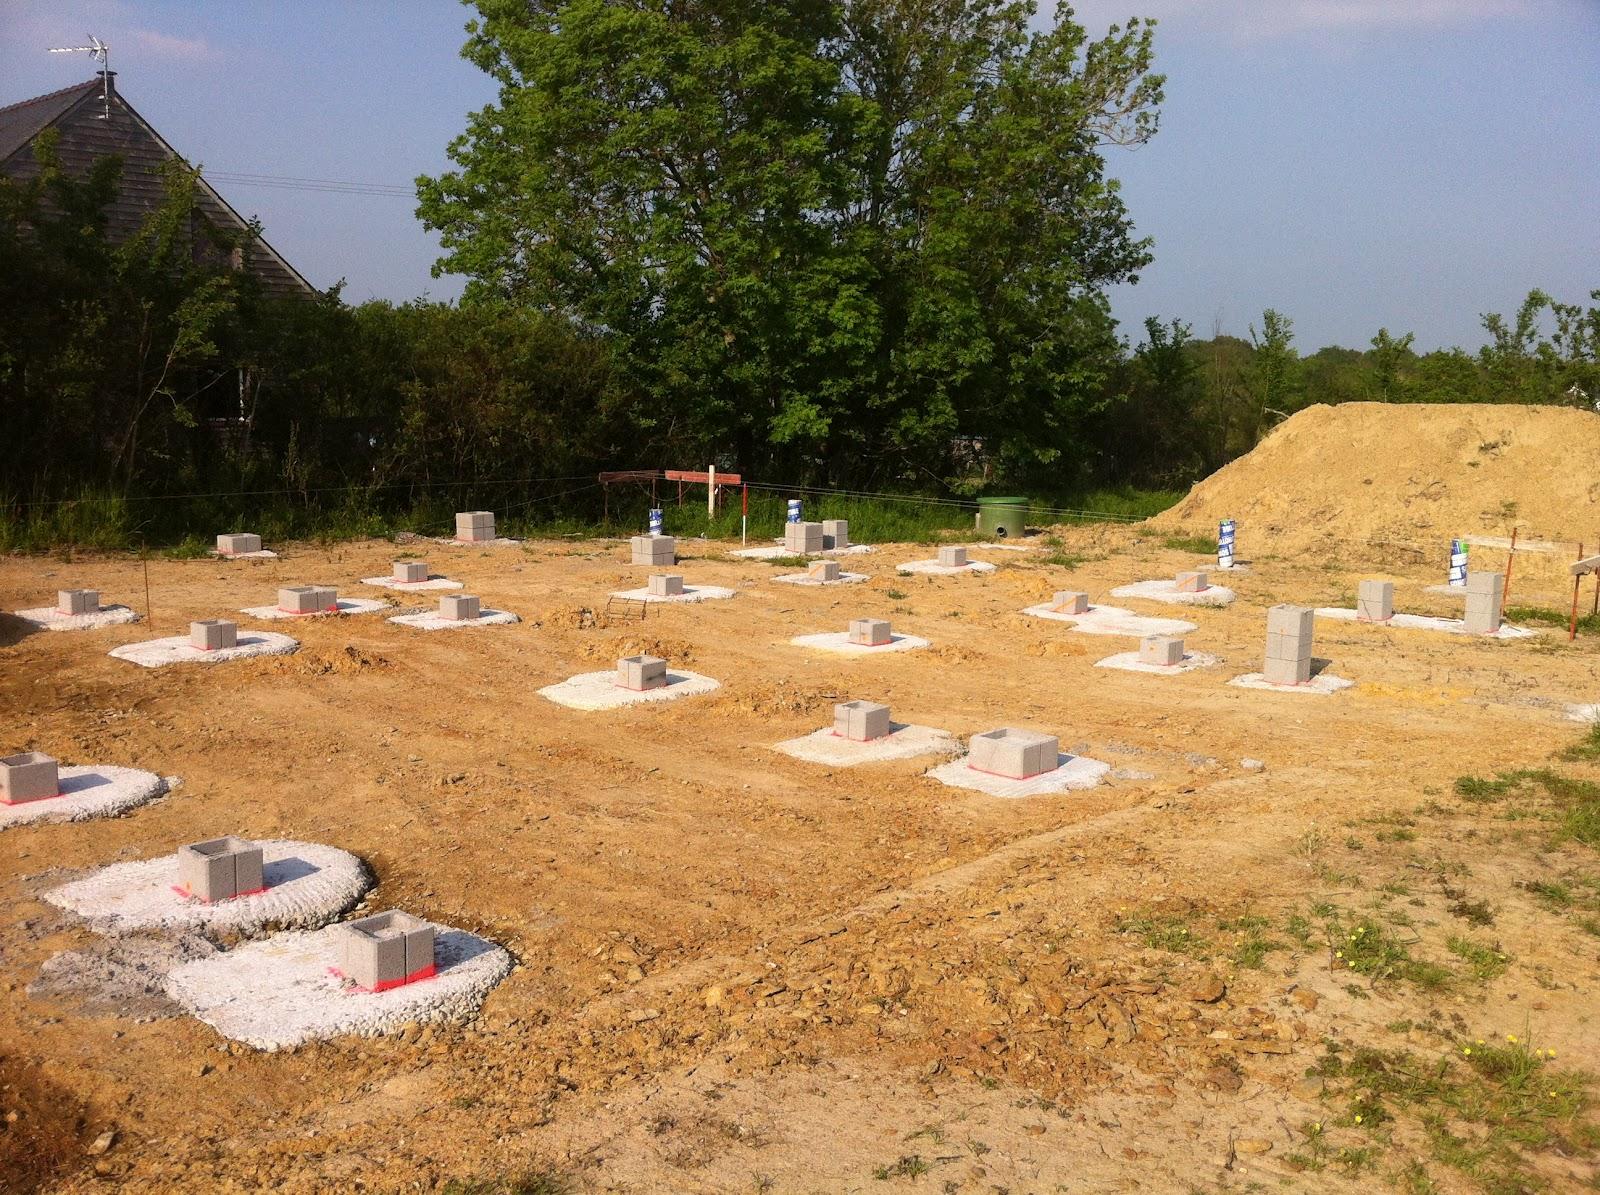 Maison bois sur plots beton obtenez des id es de design int ressantes en for Maison bois sur plots